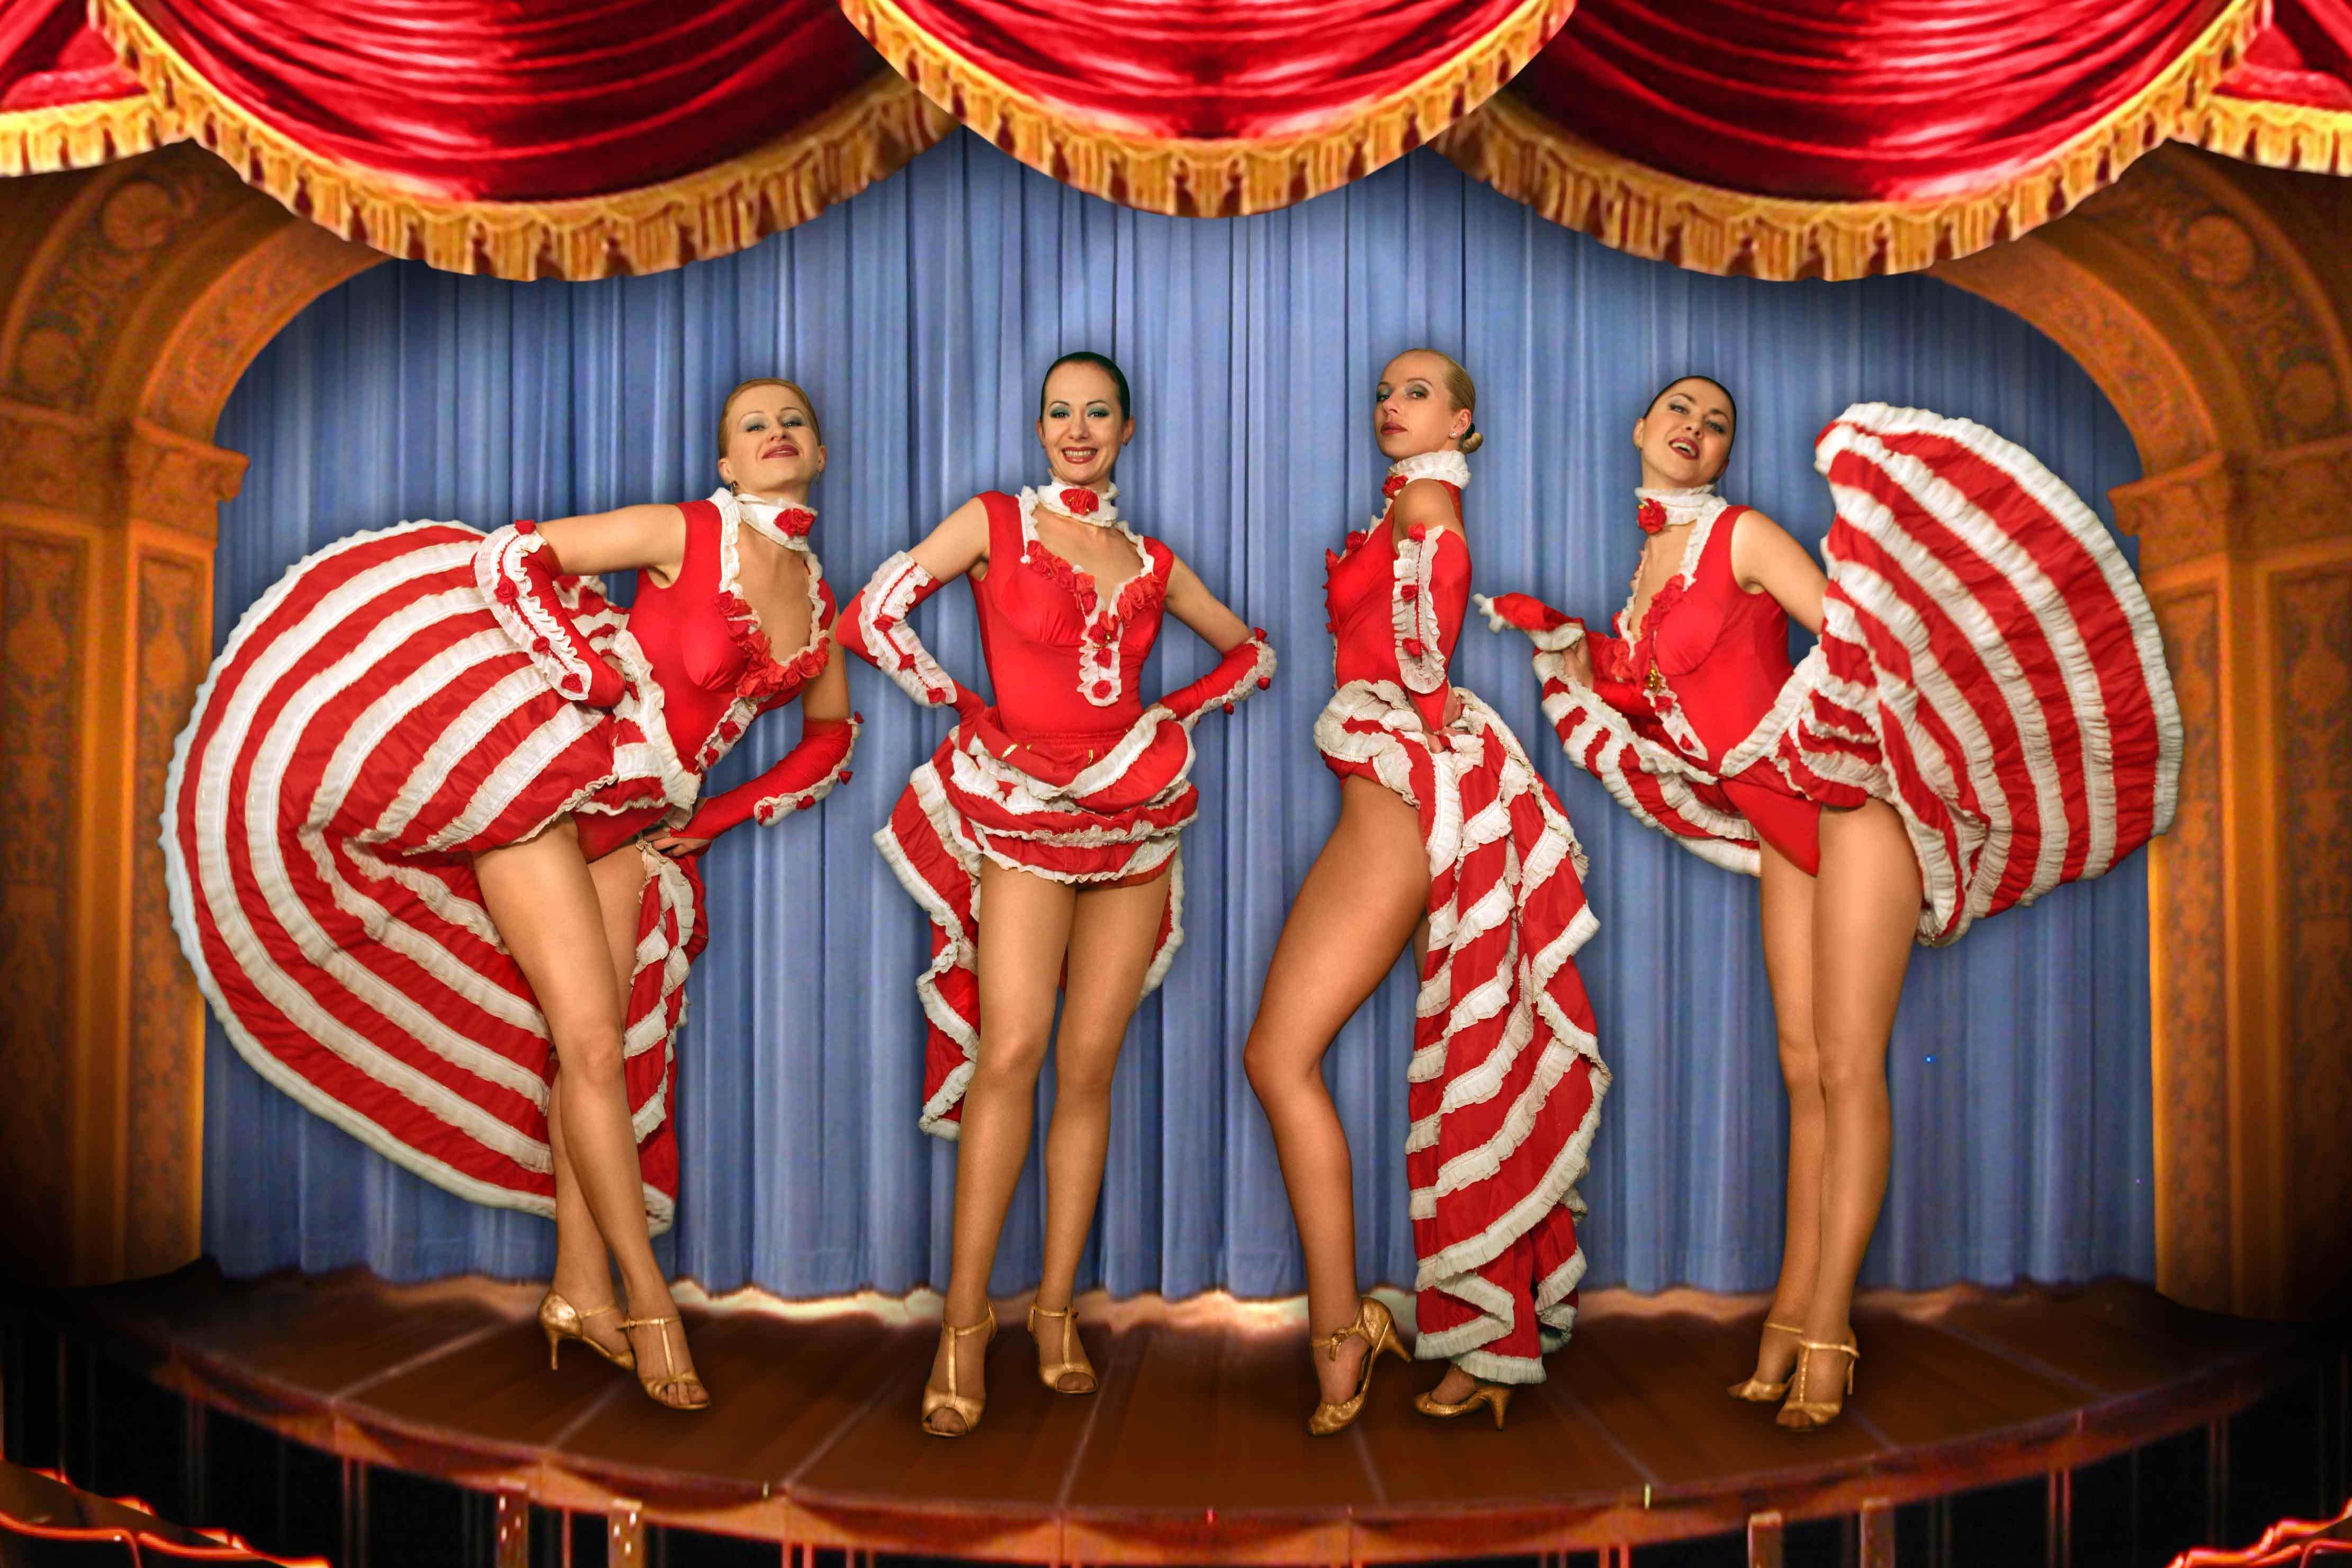 Что у девушек танцующих под юбками 21 фотография